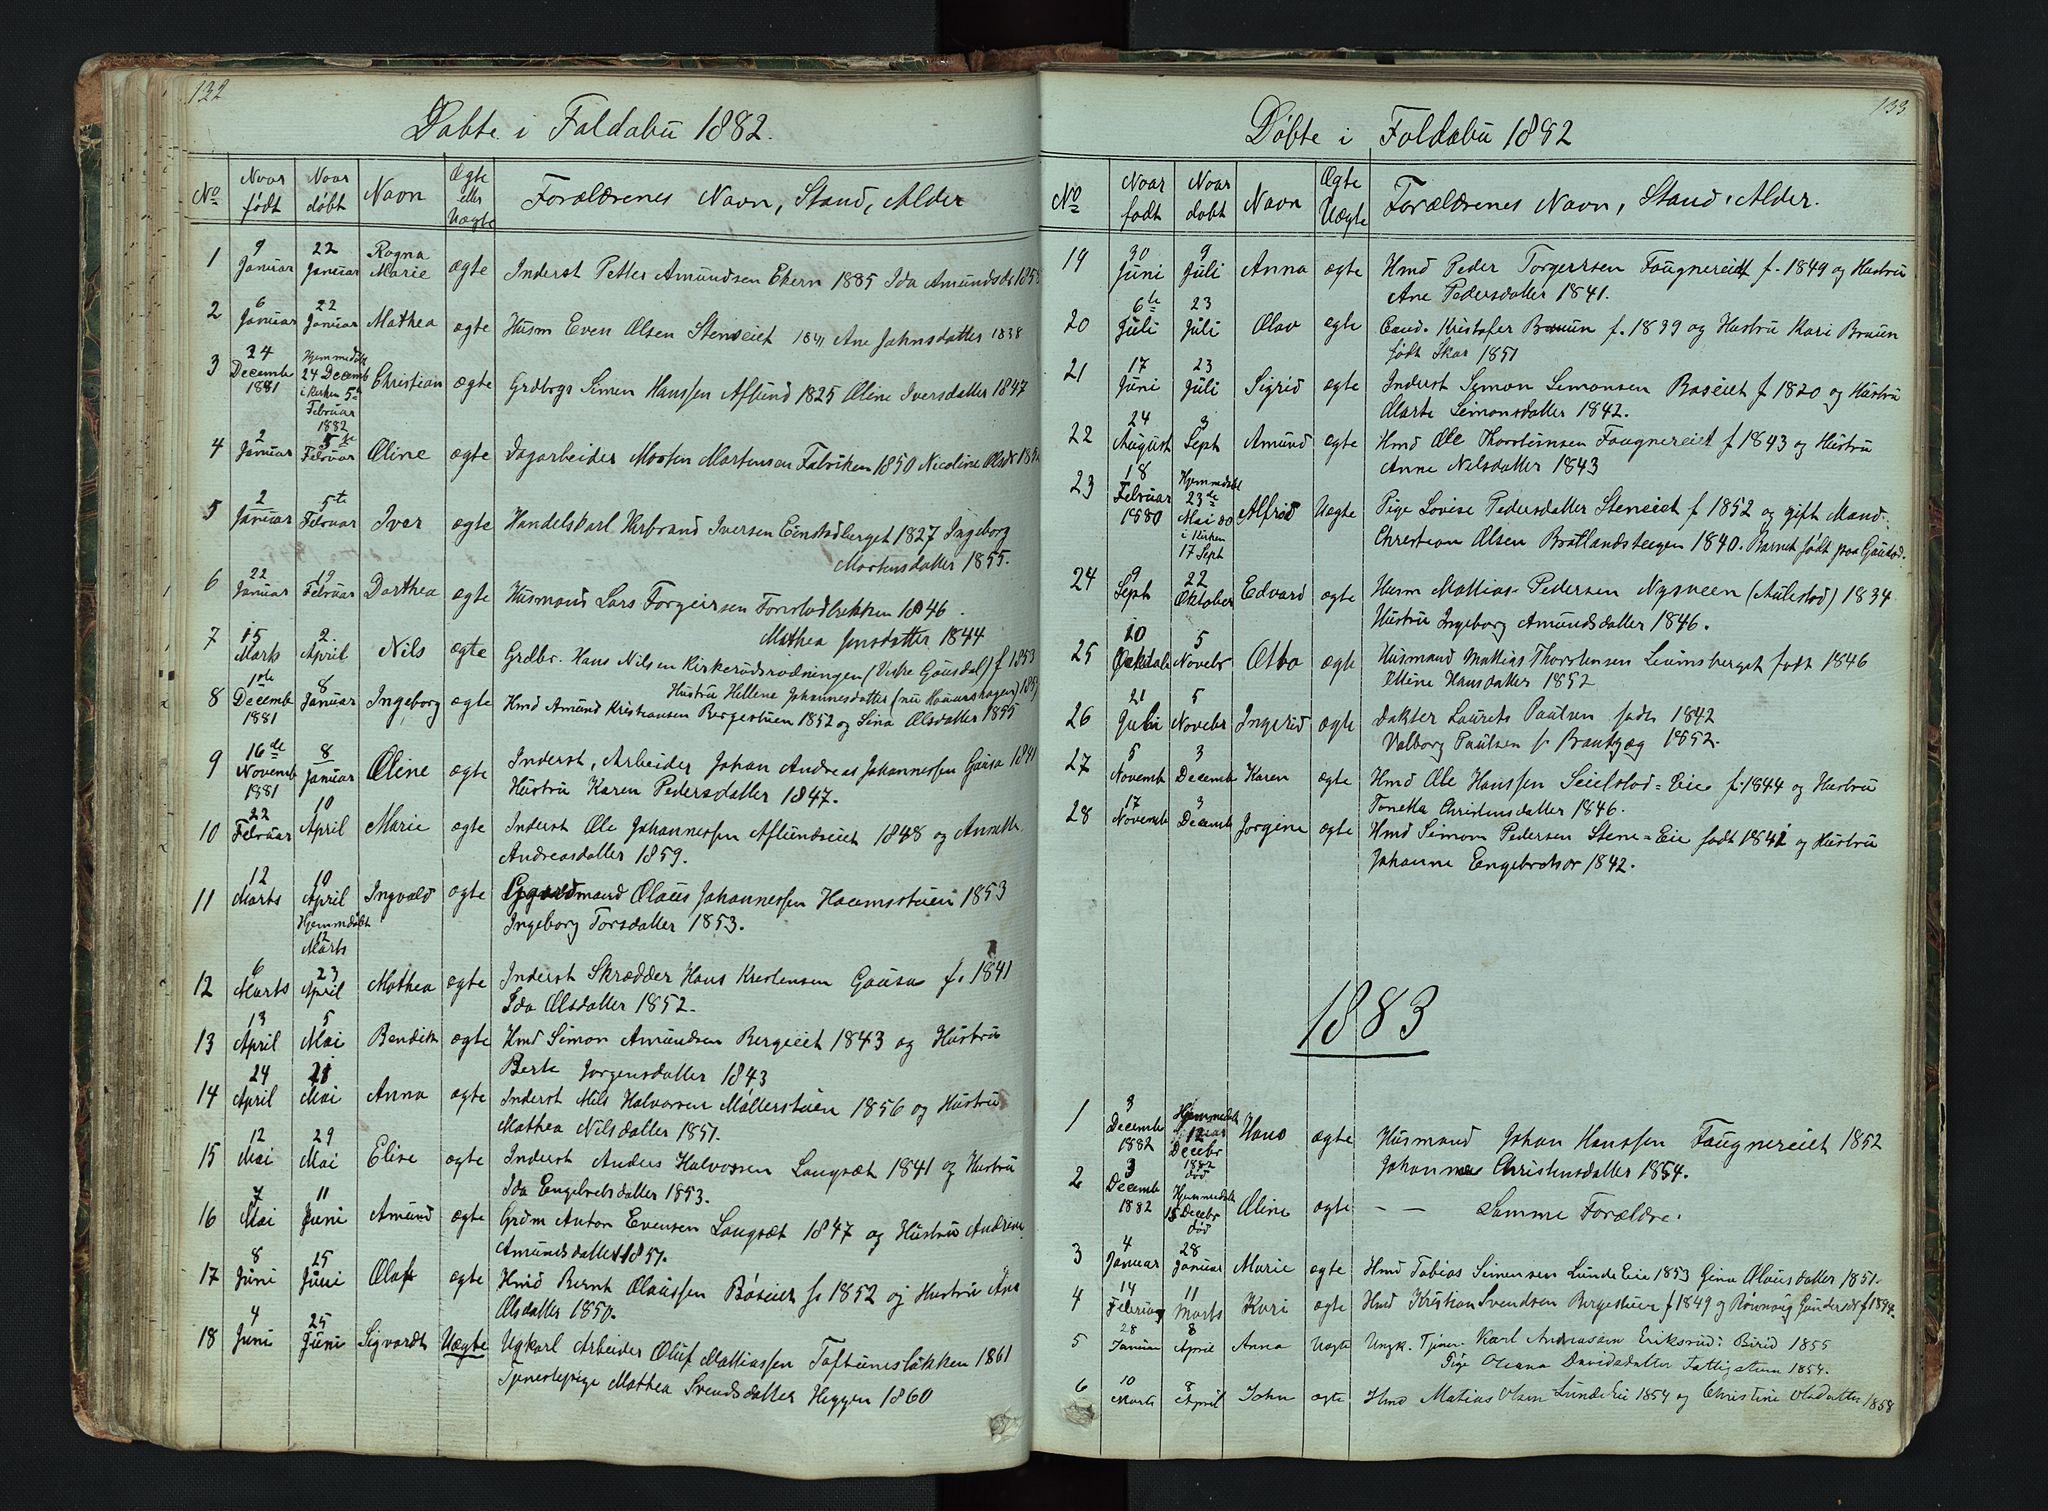 SAH, Gausdal prestekontor, Klokkerbok nr. 6, 1846-1893, s. 132-133